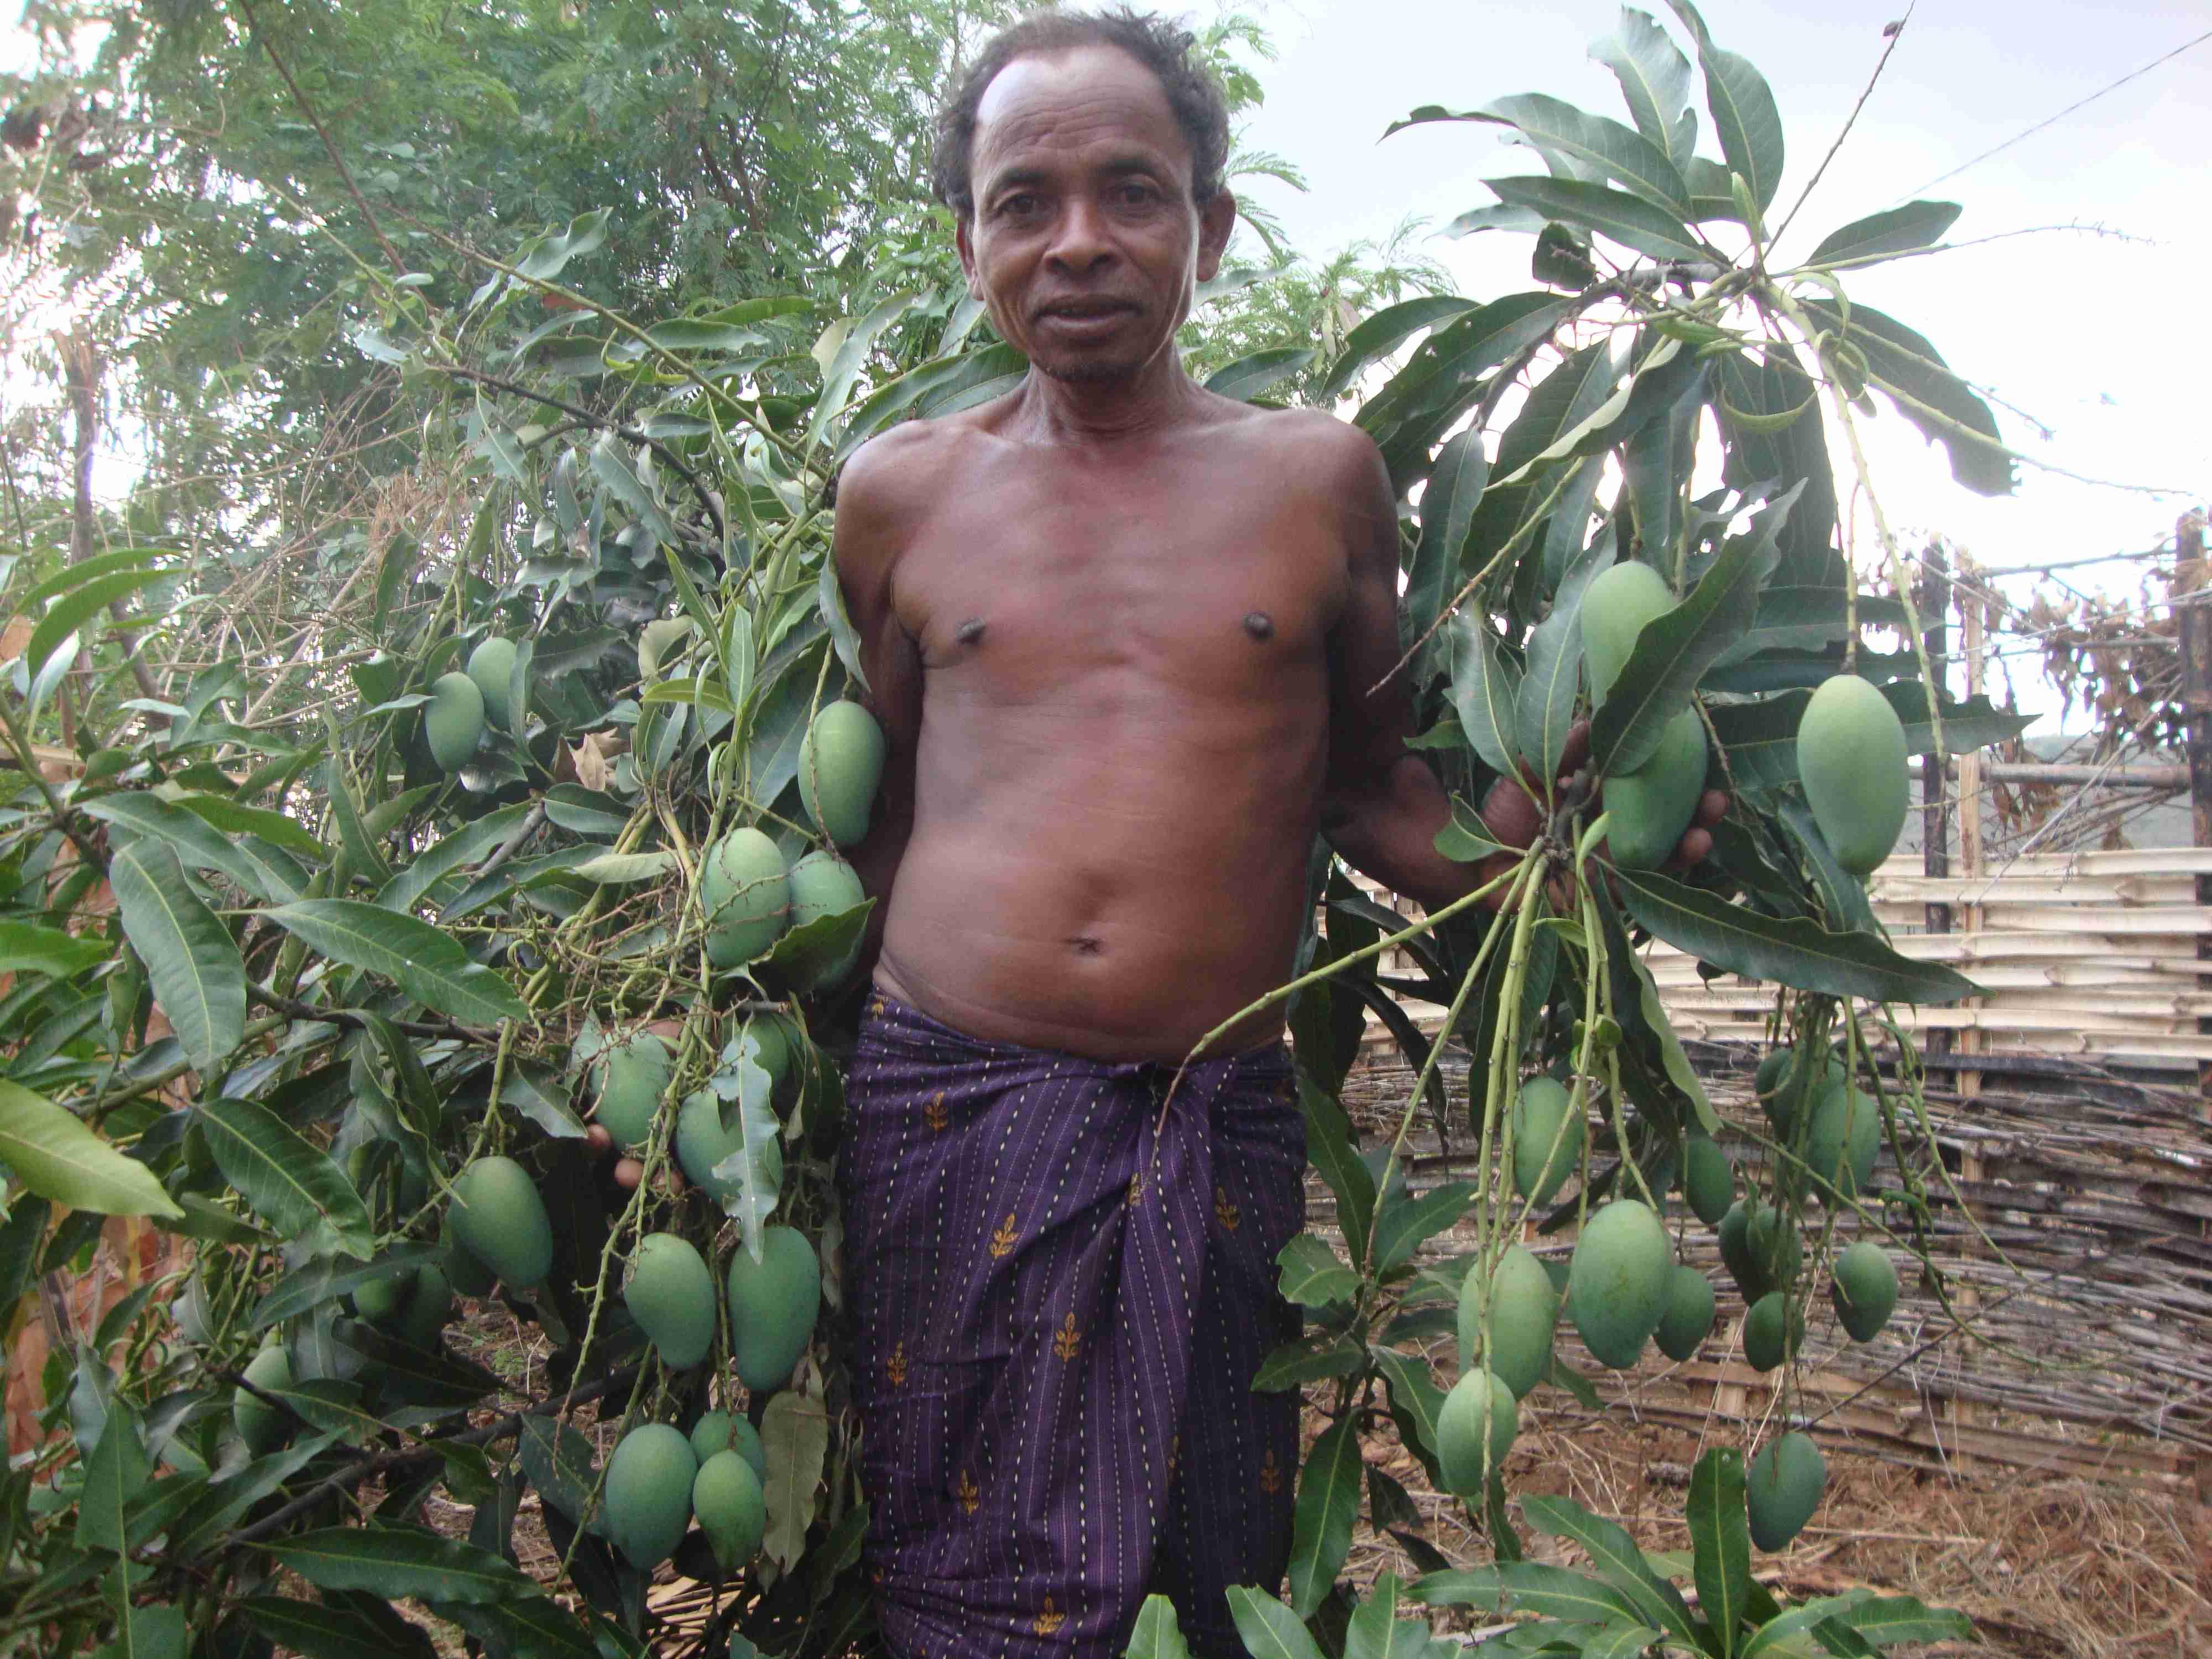 Figure 4 Sadhav Muduli showing mangos in his wadi plot, Pic: Abhijit Mohanty